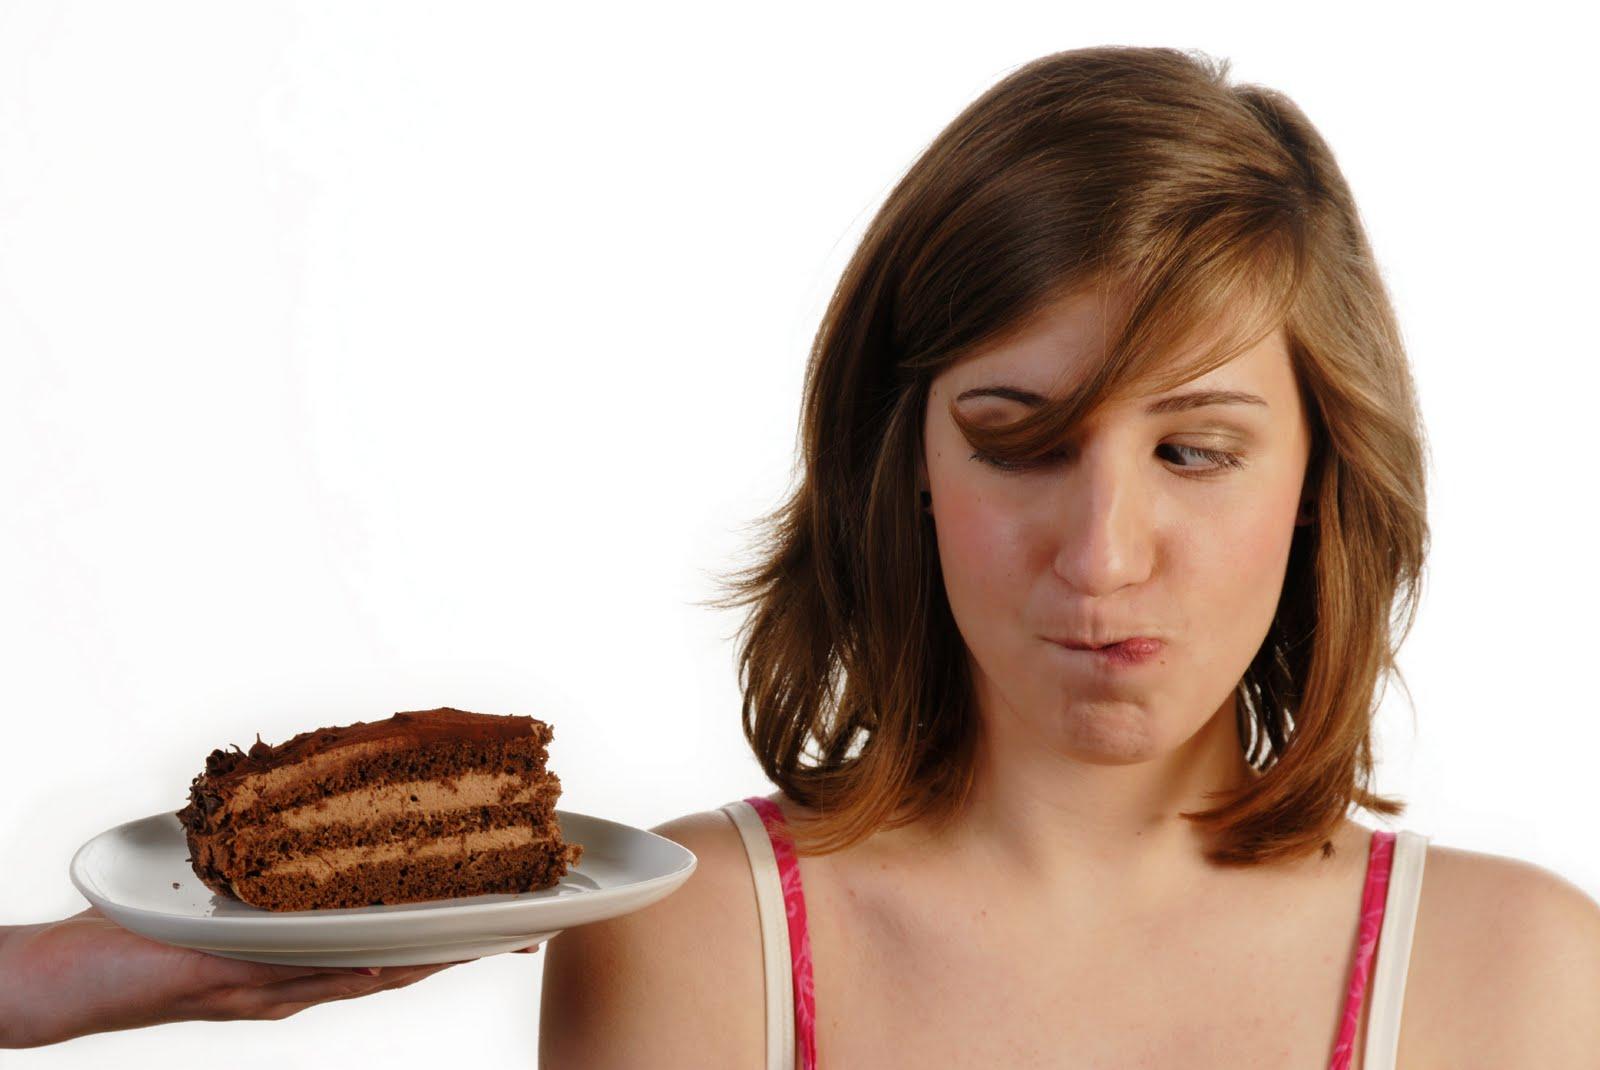 L'effetto craving ovvero le voglie improvvise: cosa sono e come controllarle